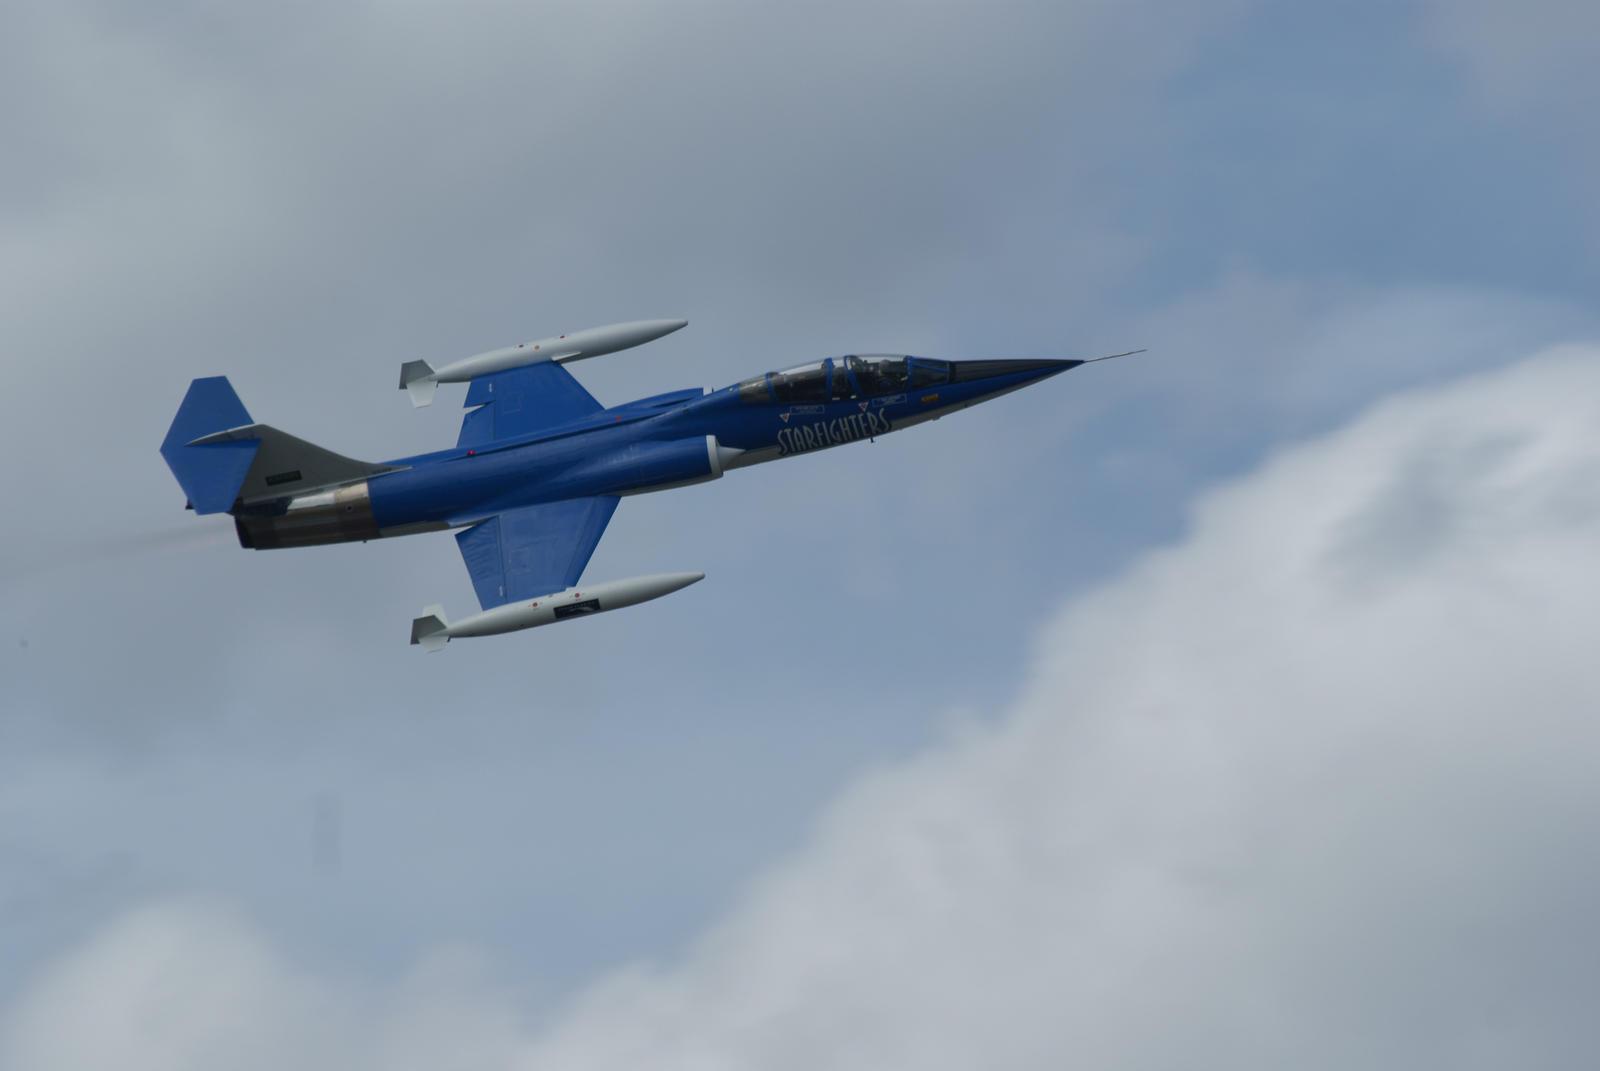 Unedited Starfighter by Valder137